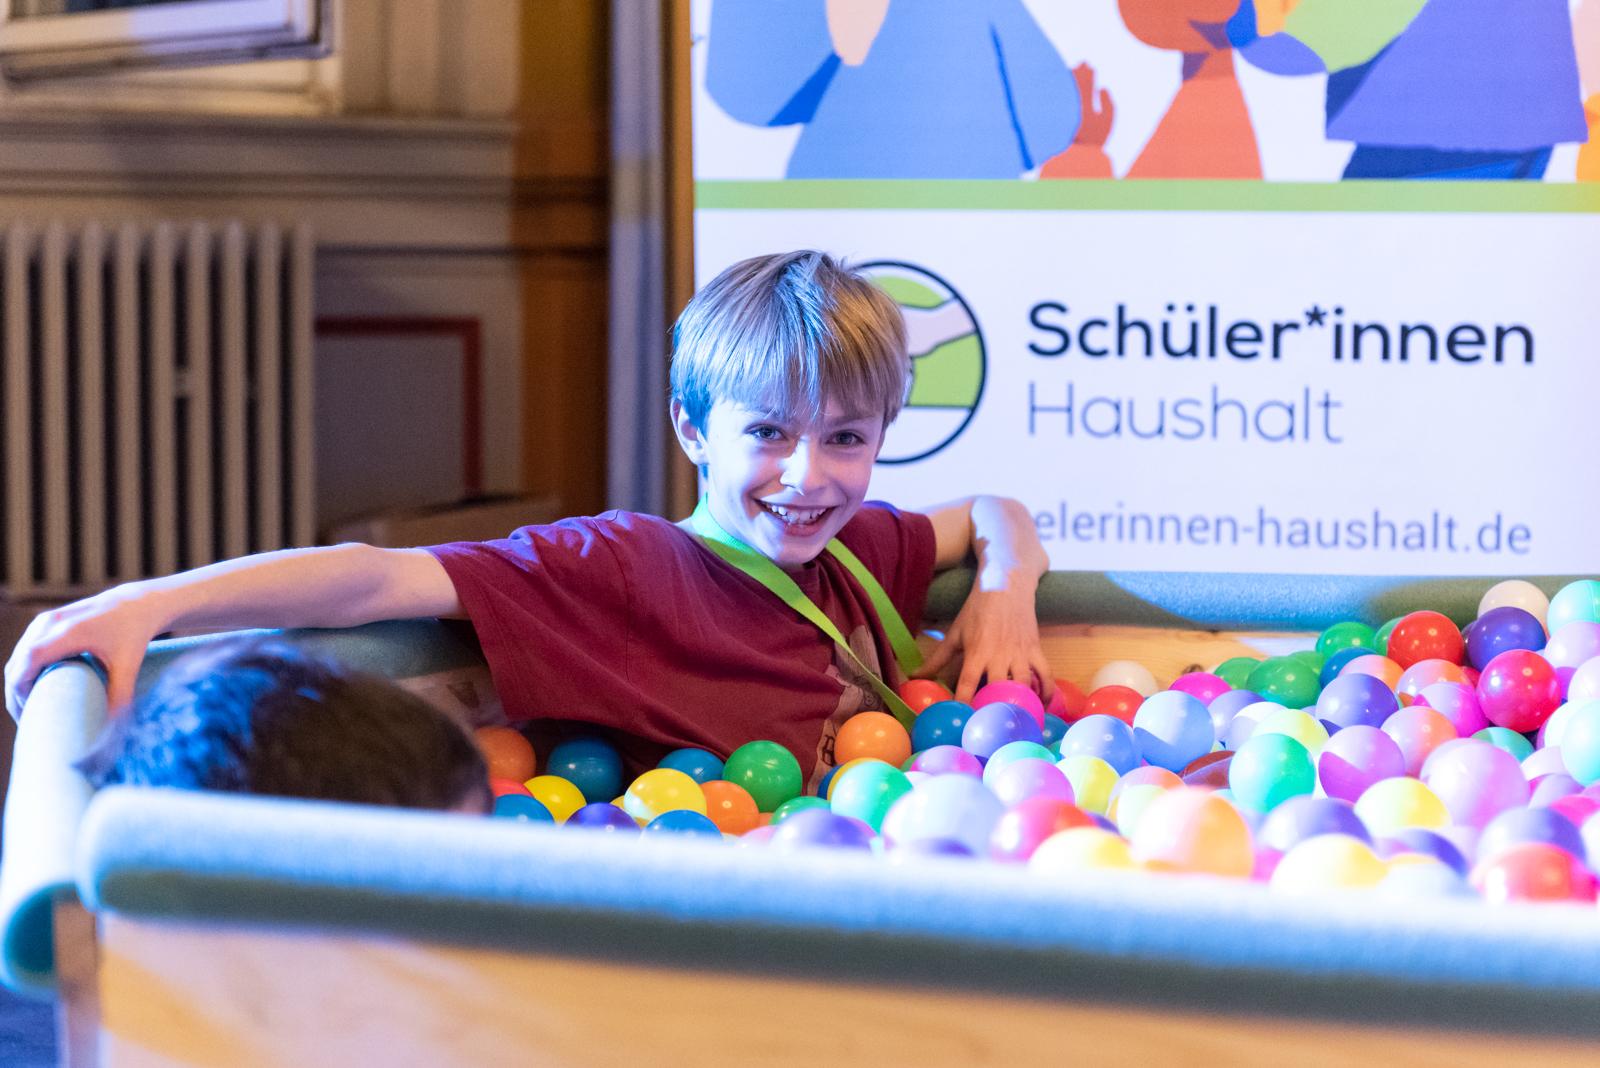 Ein Junge sitz in einem Bällebad. Der Junge lächelt in die Kamera. Im Hintergrund ist ein Plakat des Schüler*innen Haushalts zu sehen.